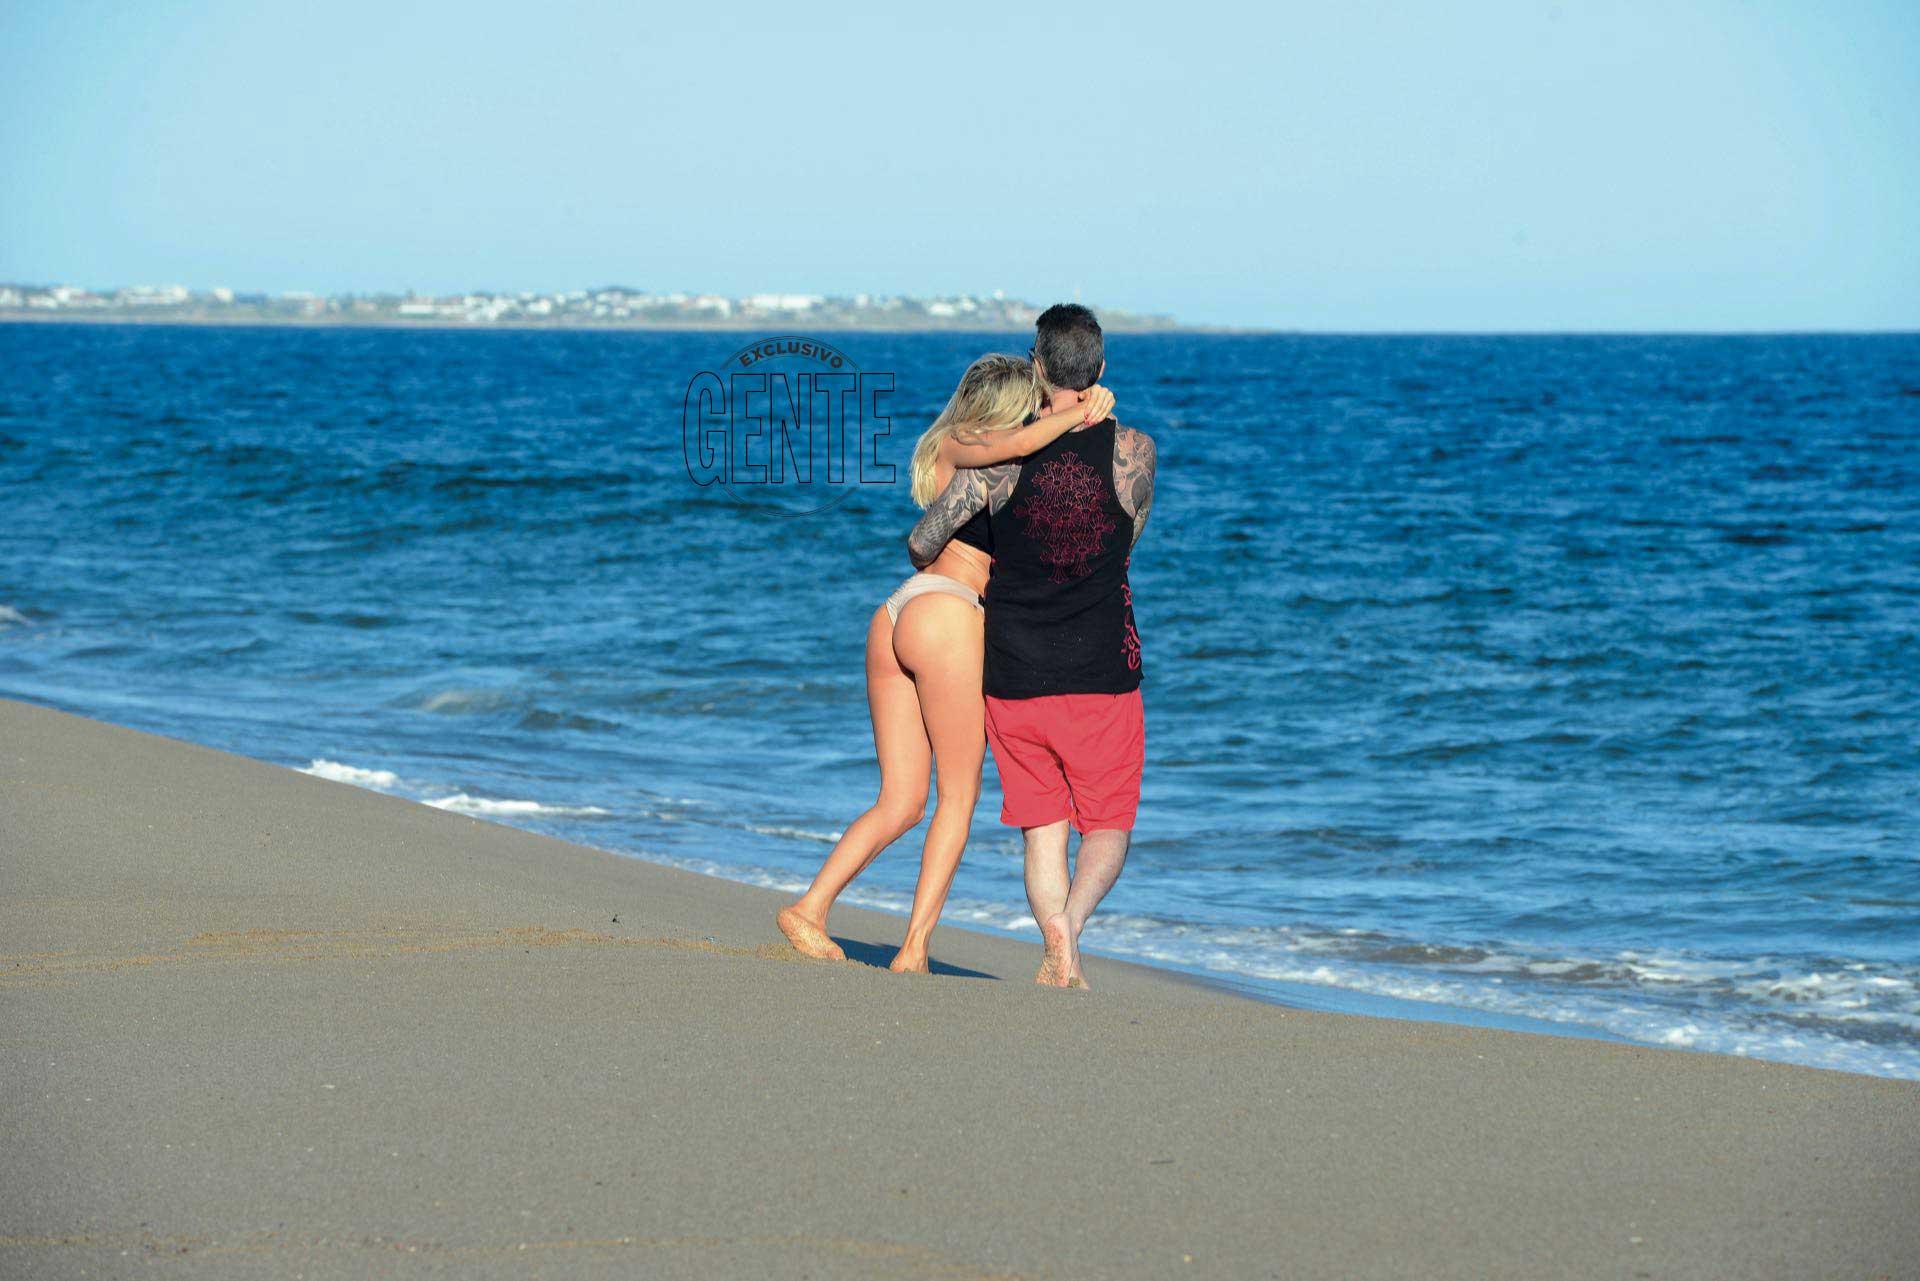 Una caminata por la orilla fue la excusa de Guille y Marcelo para compartir tiempo a solas. (Foto: Alejandro Carra/GENTE)